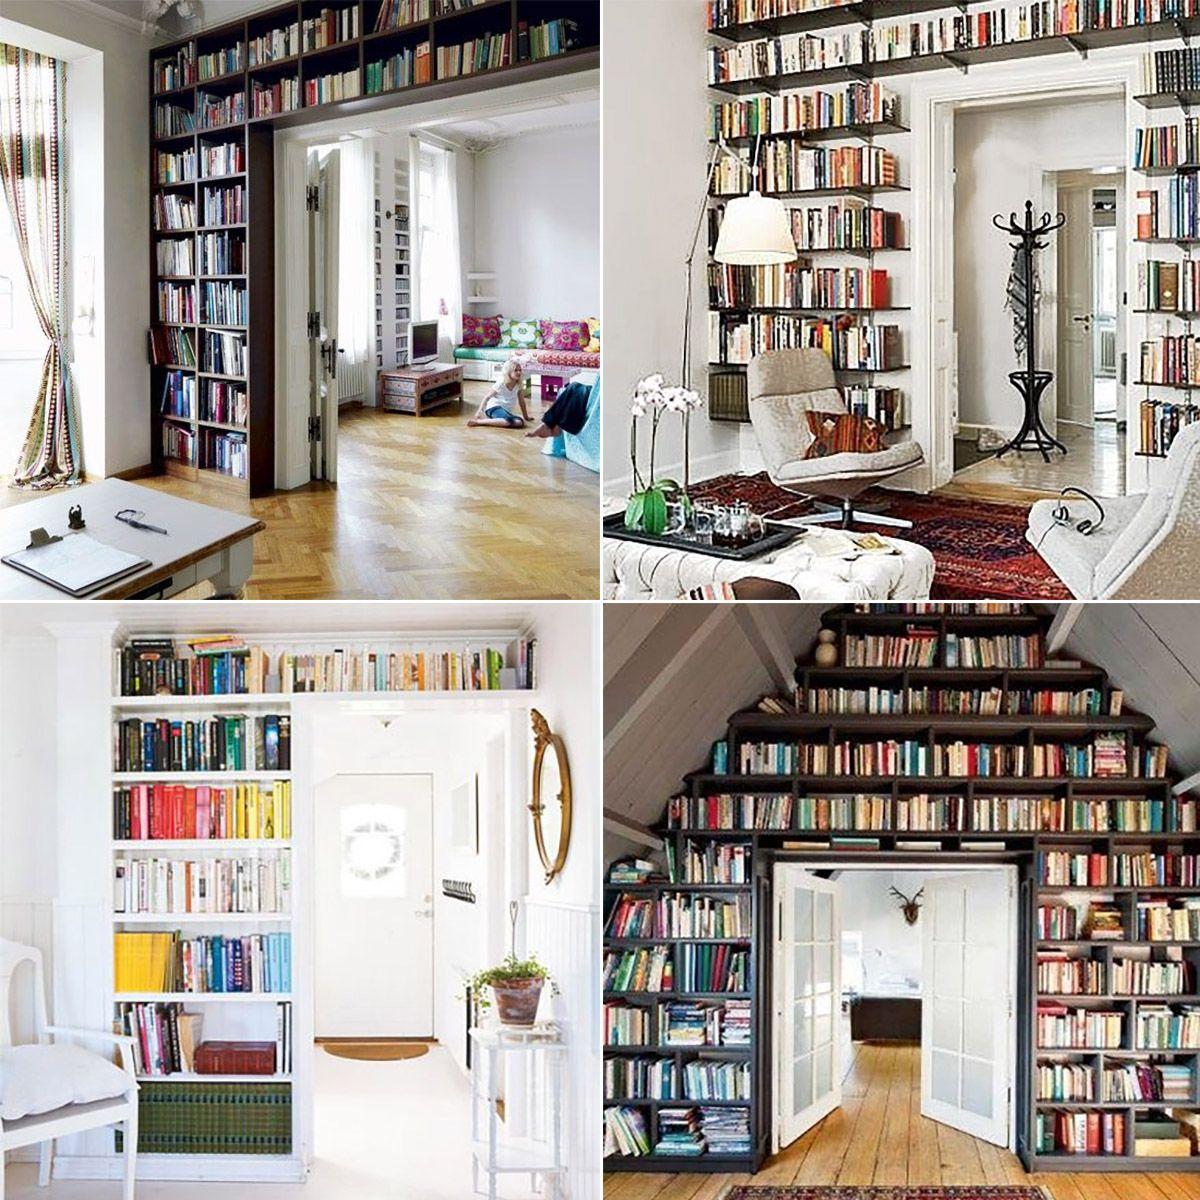 Domowa Biblioteczka 9 Pomyslow Na Przechowywanie Ksiazek Design Your Life